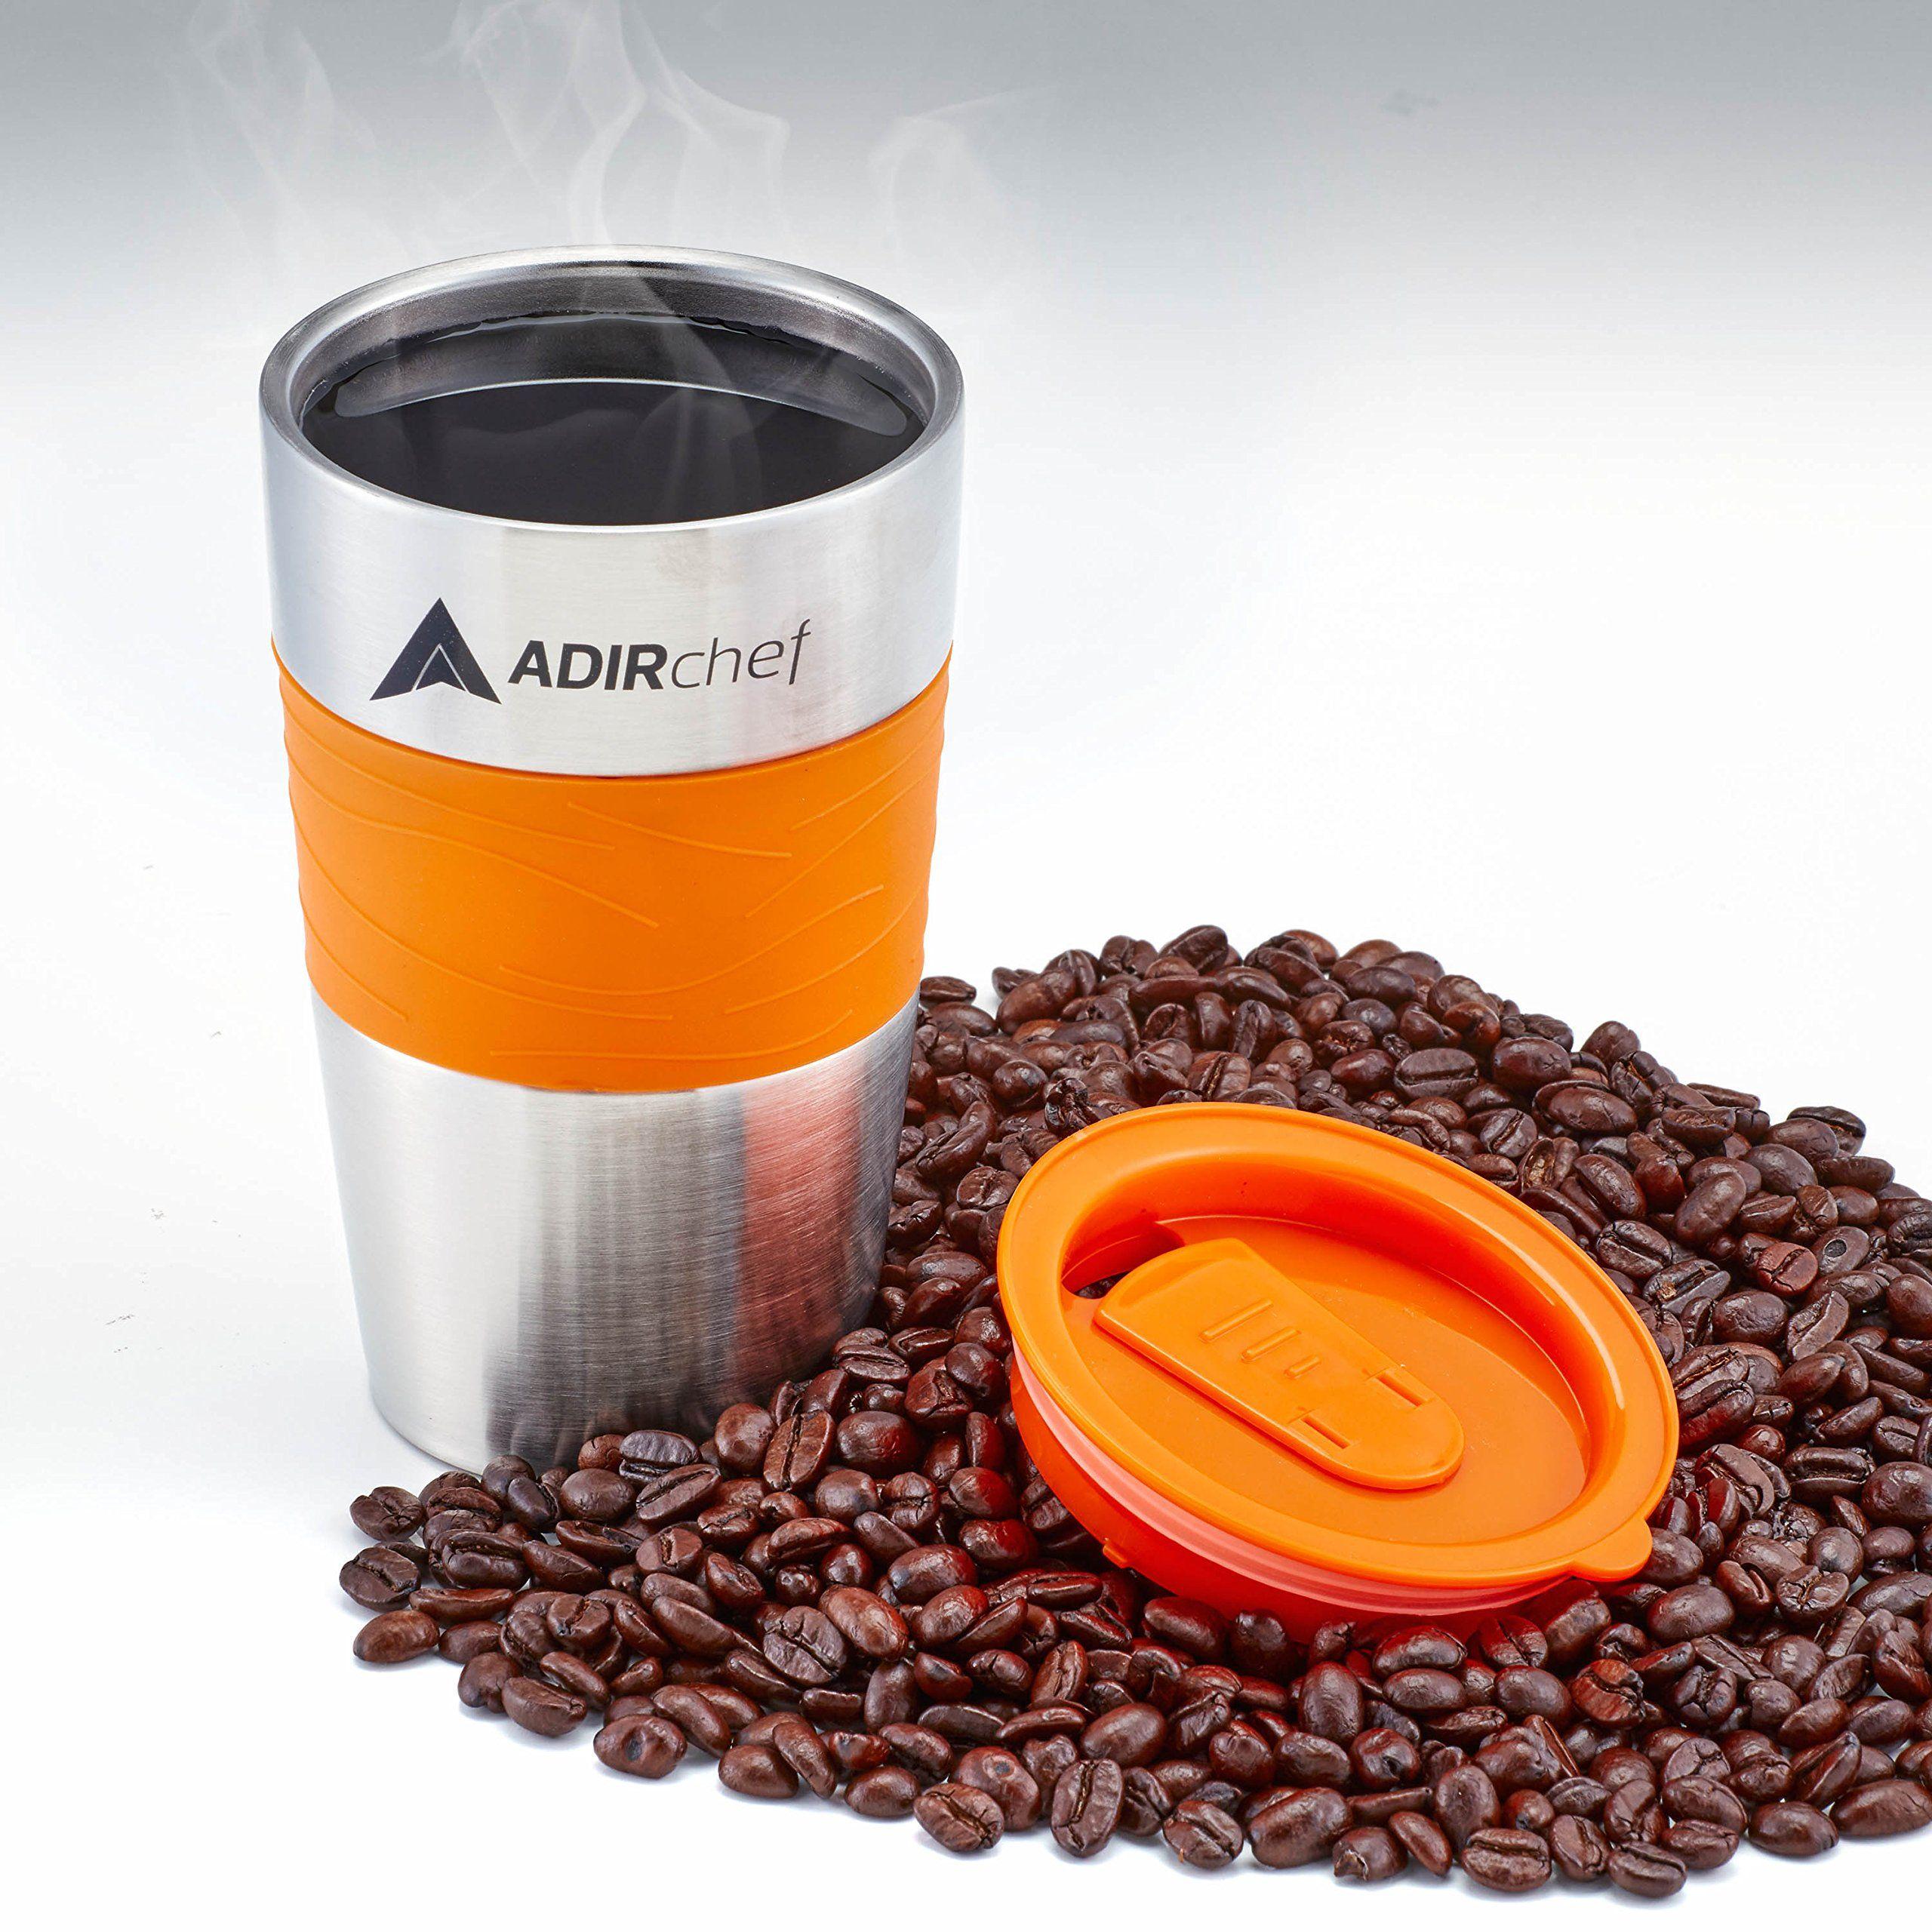 AdirChef Grab N Go Personal Coffee Maker with 15 oz